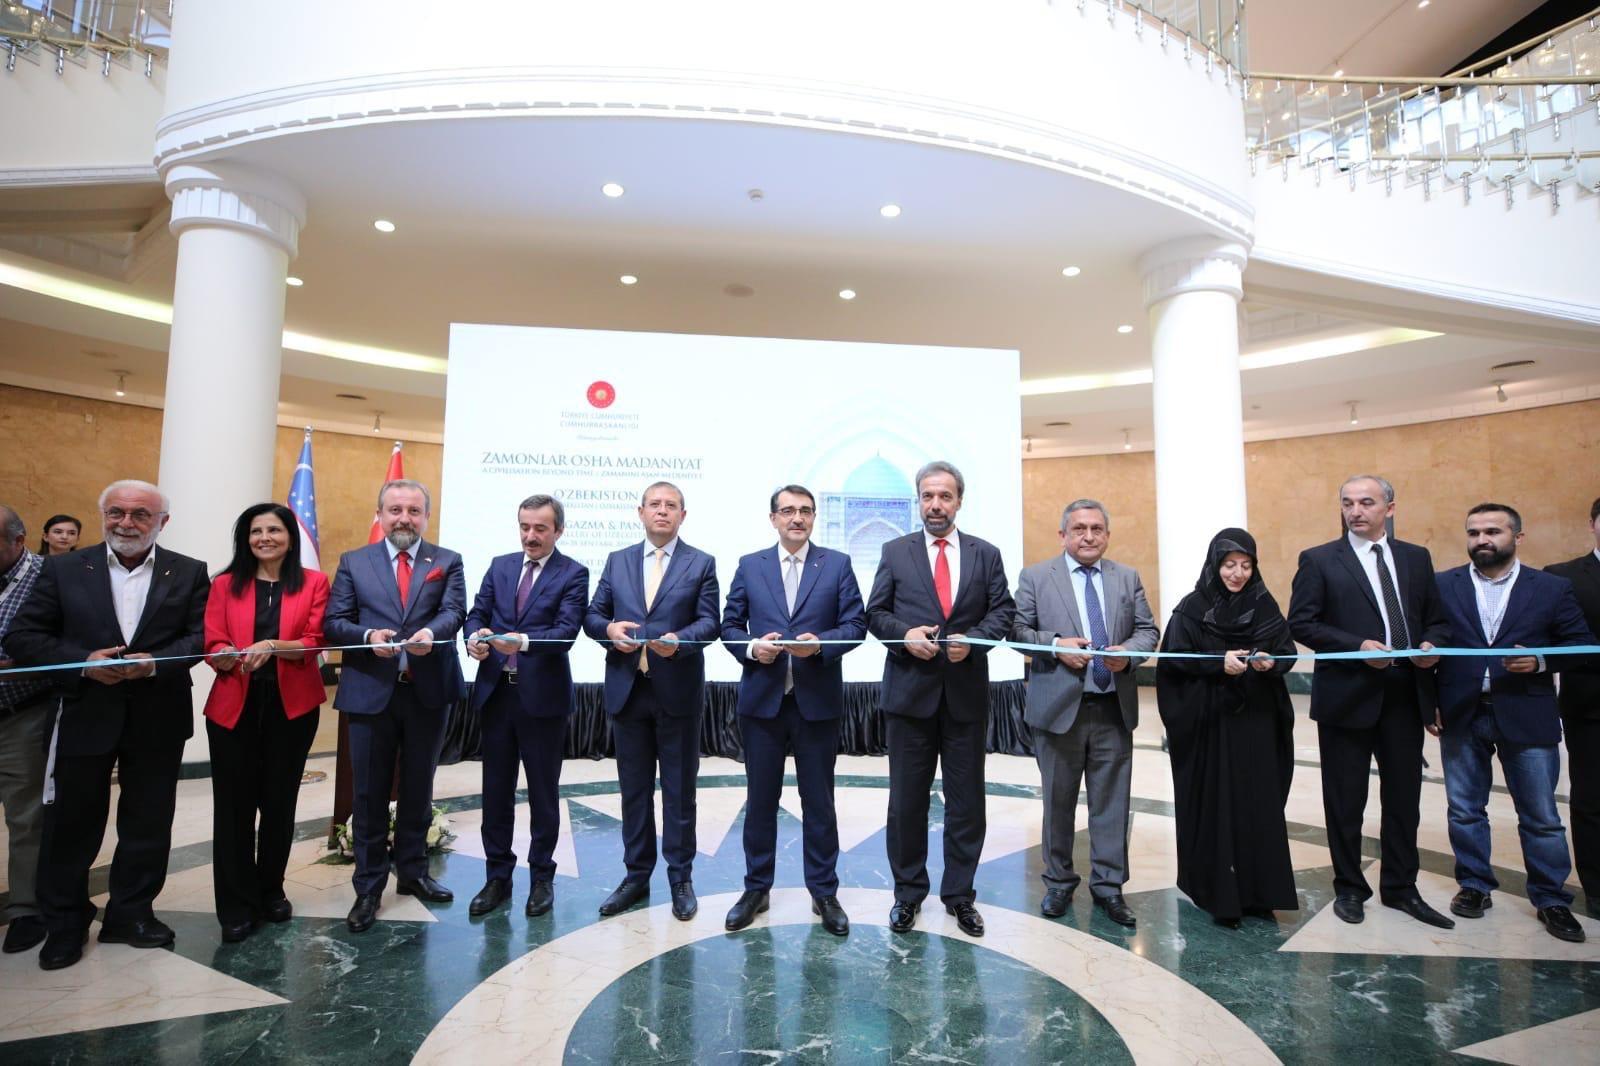 Zamanını Aşan Medeniyet: Özbekistan Sergi ve Paneli